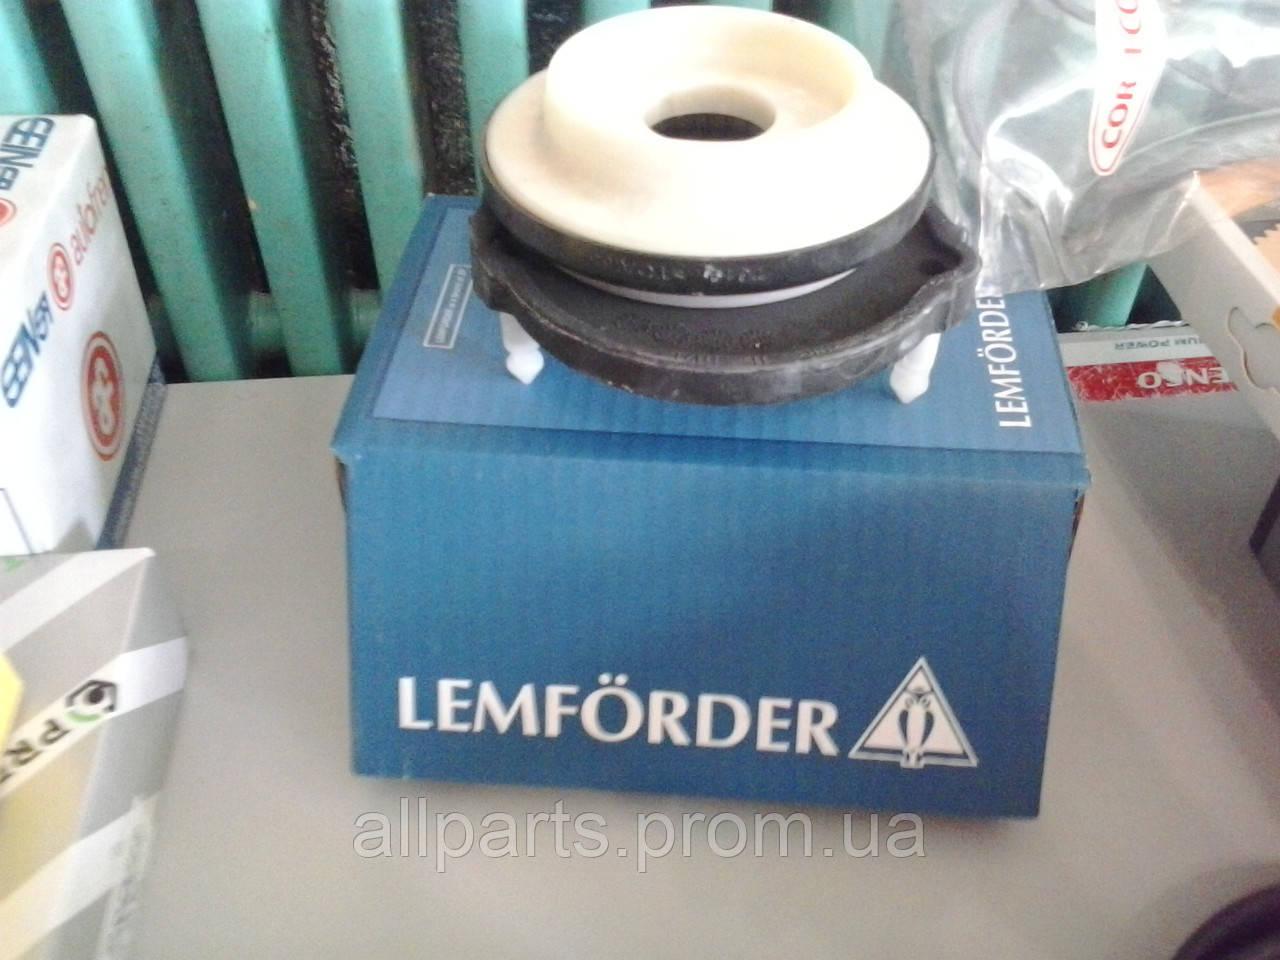 Опоры стоек амортизаторов производства Lemforder